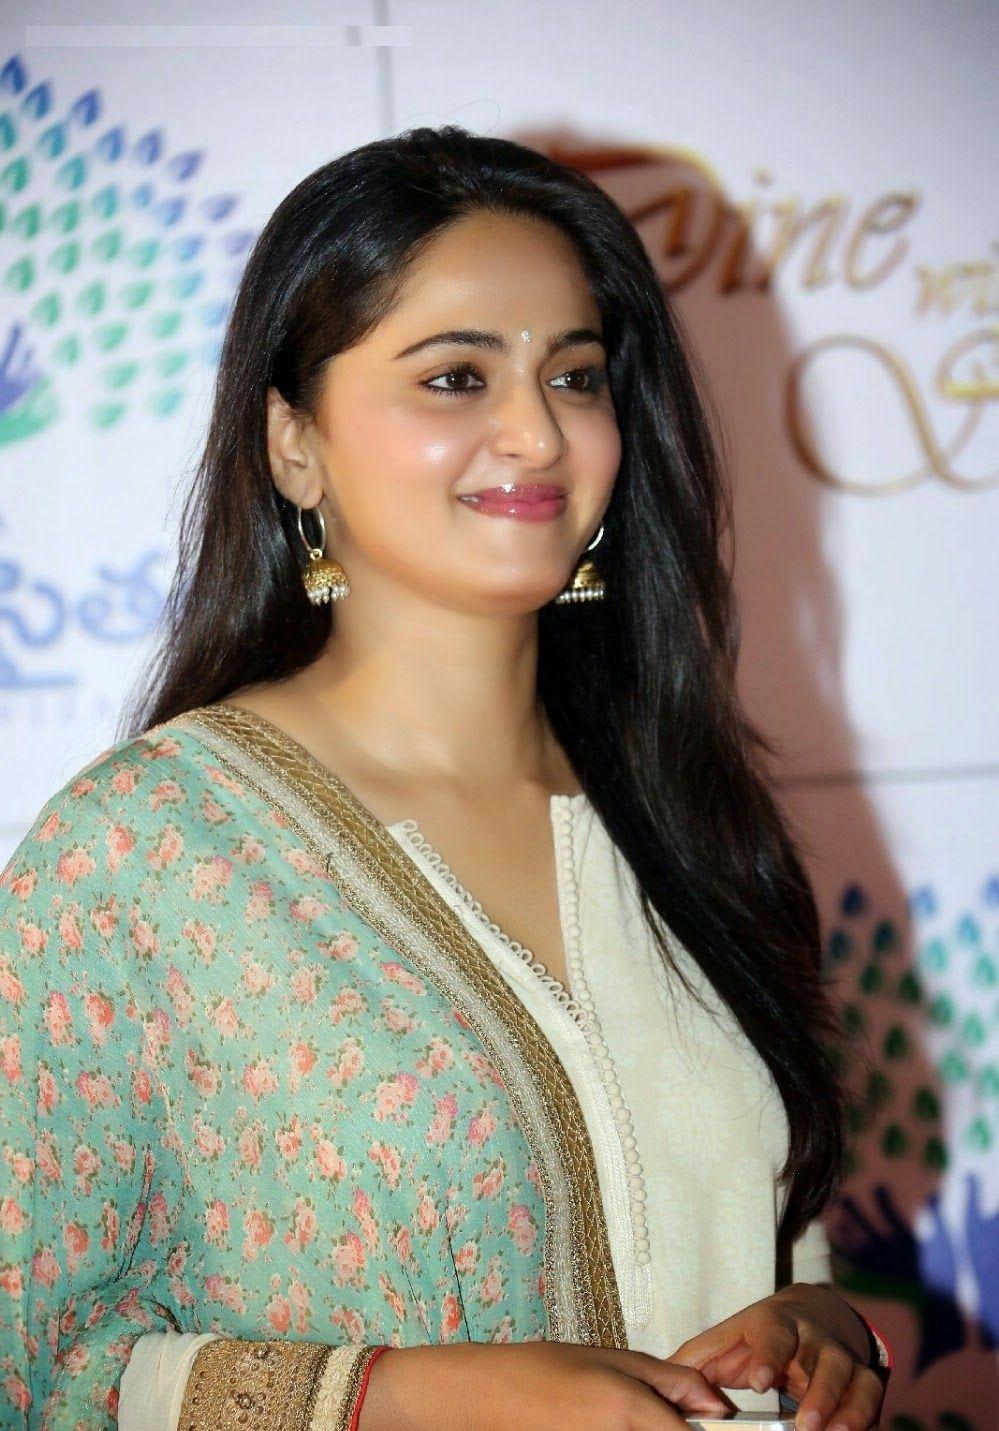 Anushka shetty anushka shetty hot stills pictures beautiful pictures - Anushka Shetty Cute Stills In White Dress Anushka Shetty